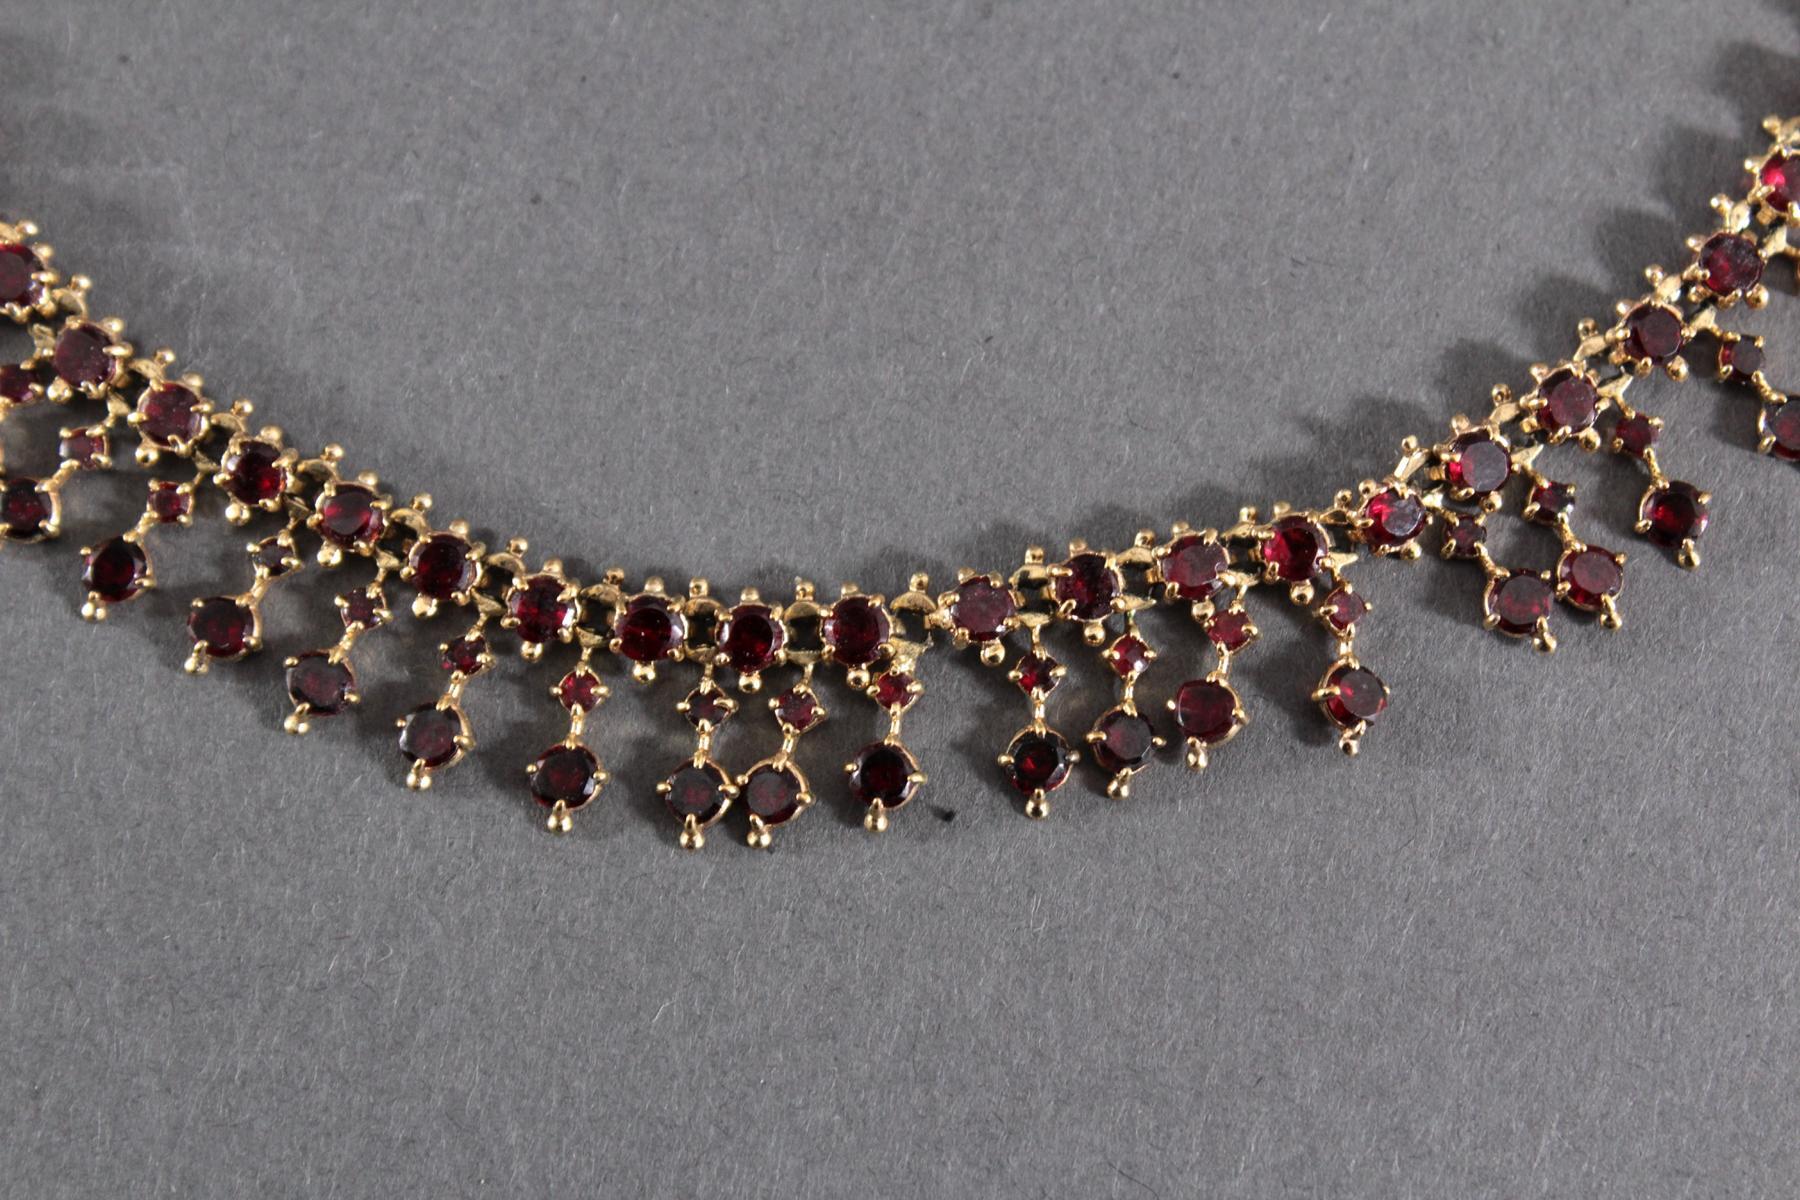 Antikes Granat-Collier und 1 Stabbrosche,  Böhmen um 1900-2